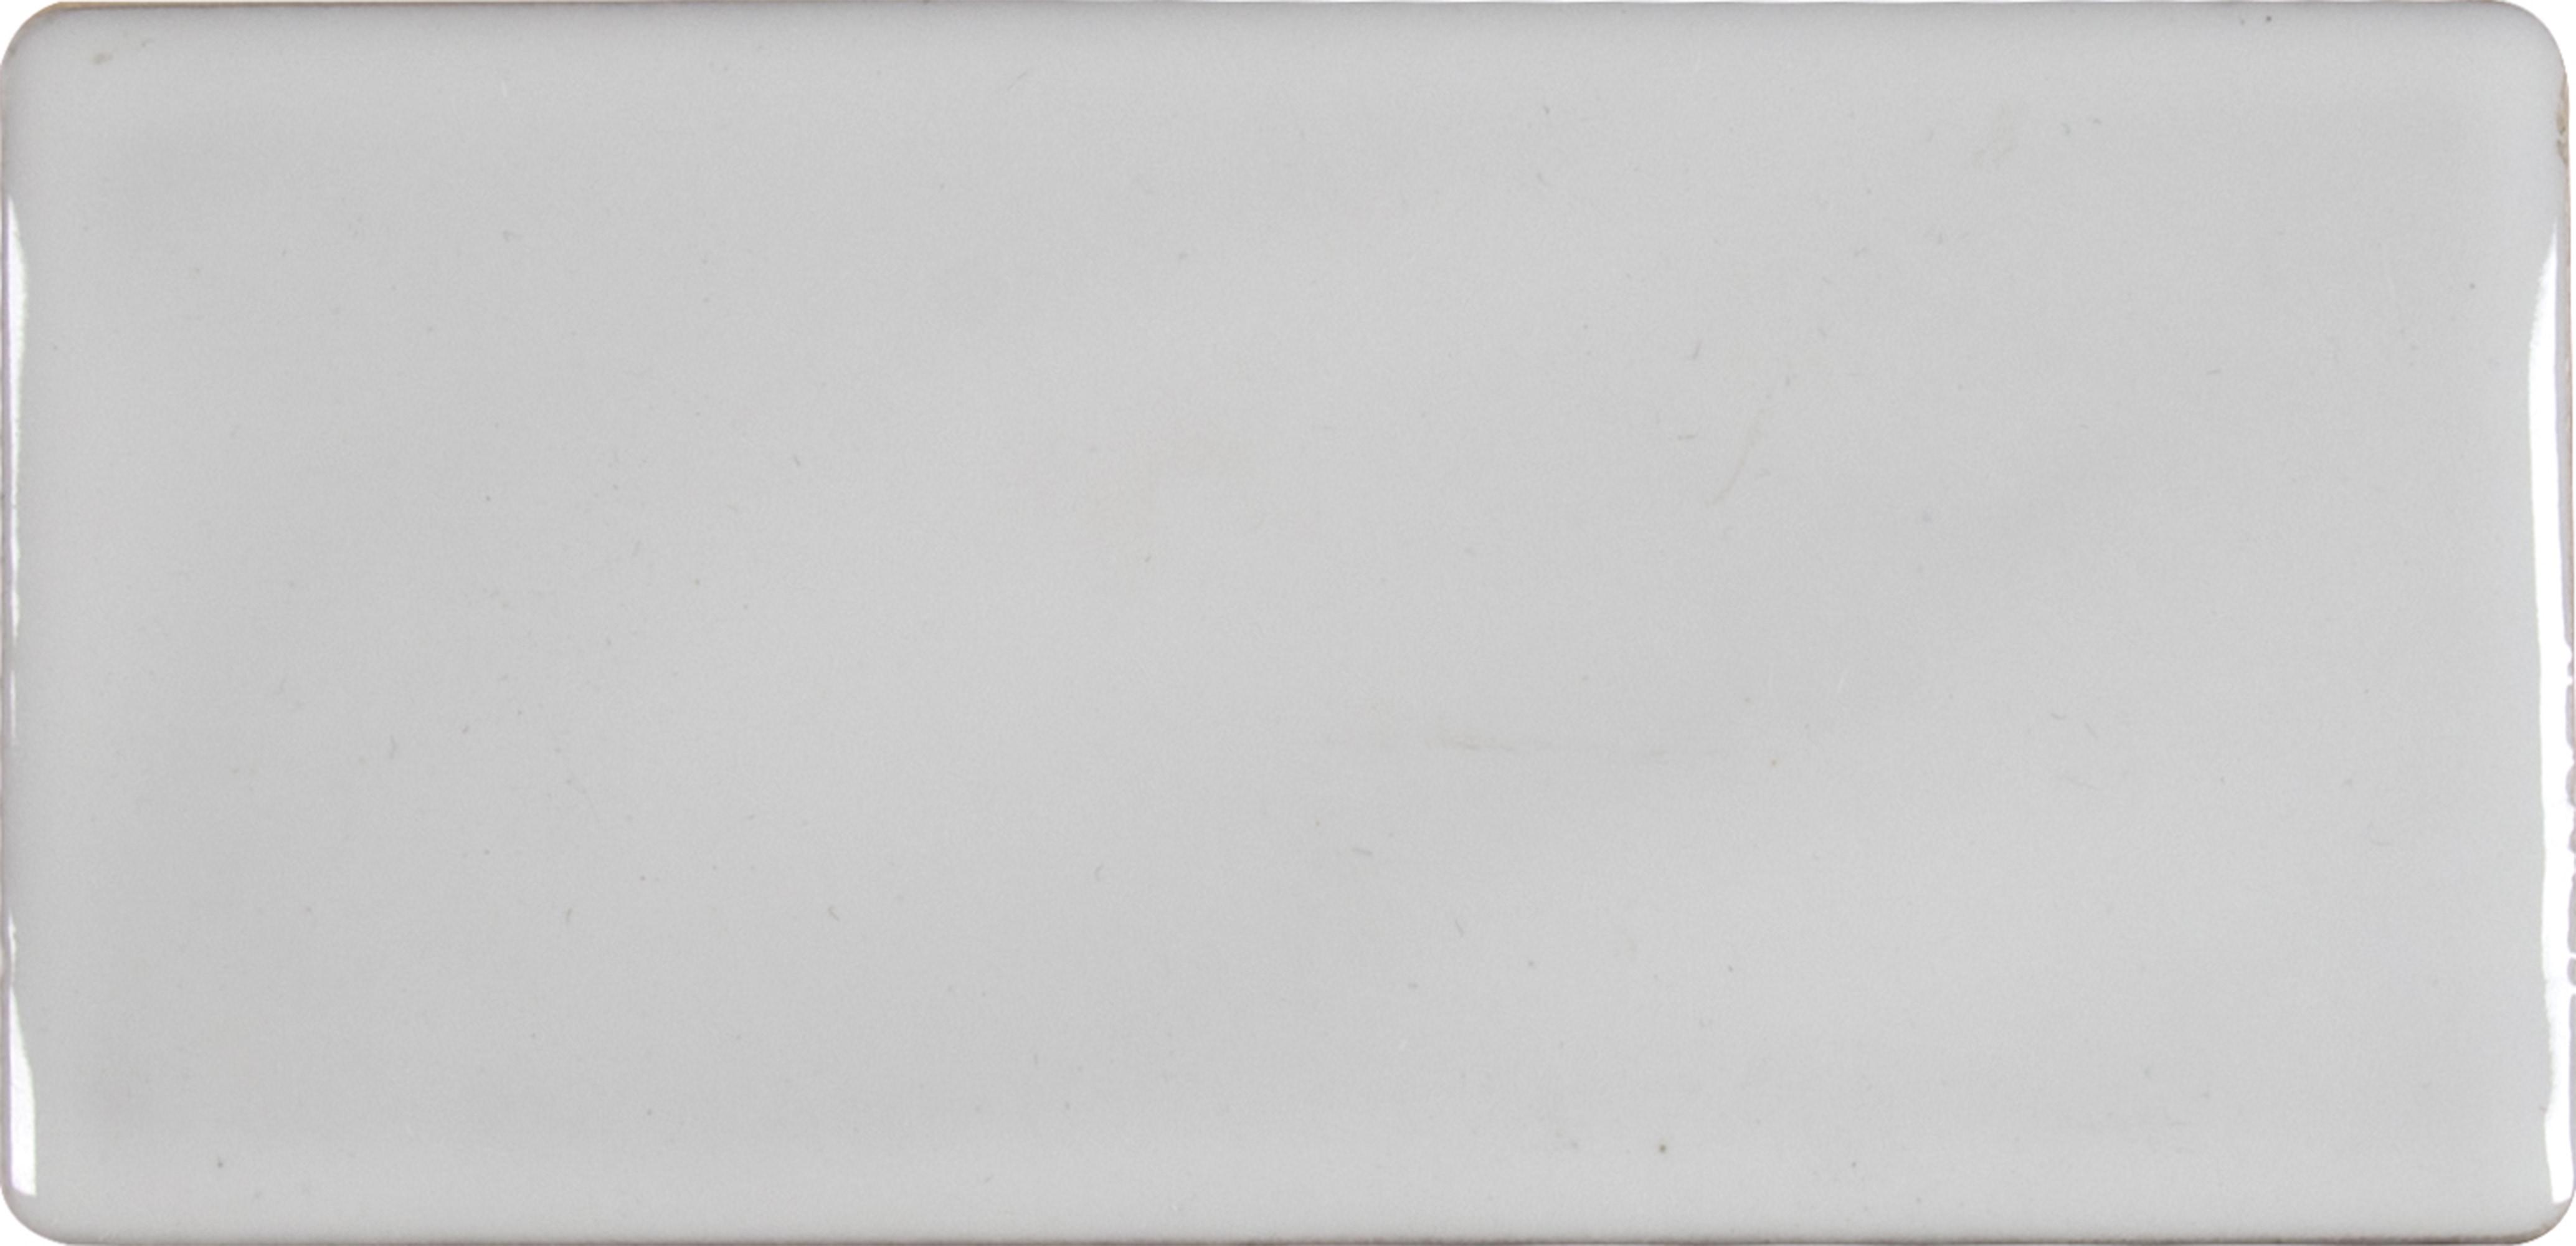 """Glazed Handcrafted / 3""""x6"""" / Glossy Ceramic Tile - Whisper White 0"""